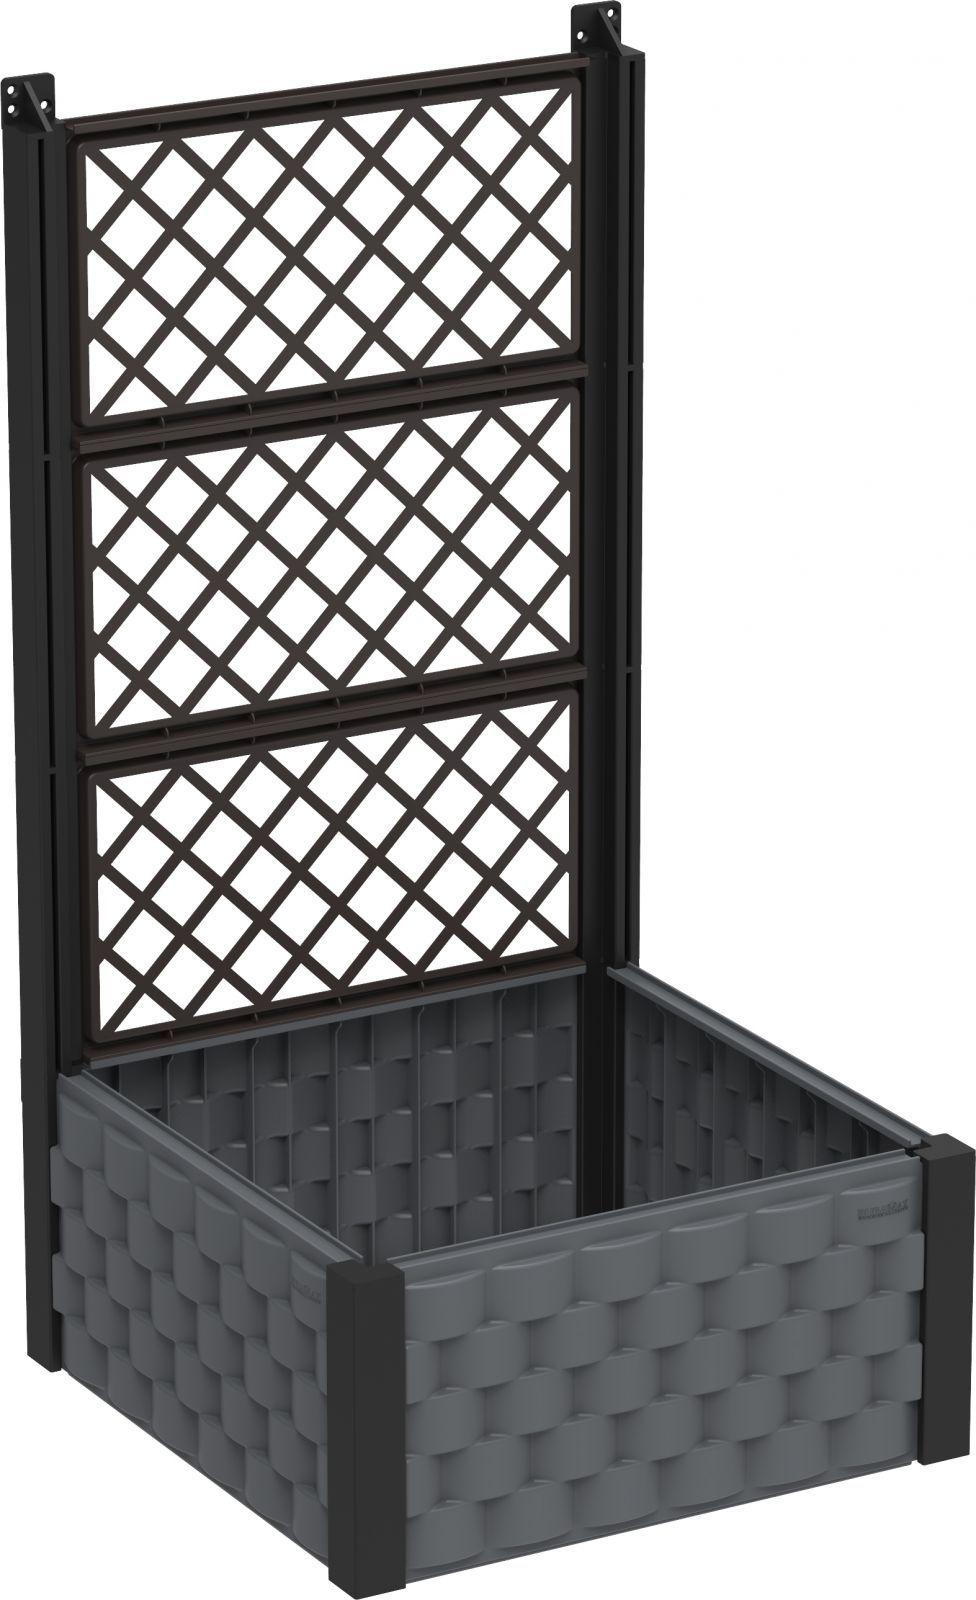 DURAMAX Kwietnik nadziemny 55 x 55 cm z trelażem, antracyt Duramax IDMFPGB006CG